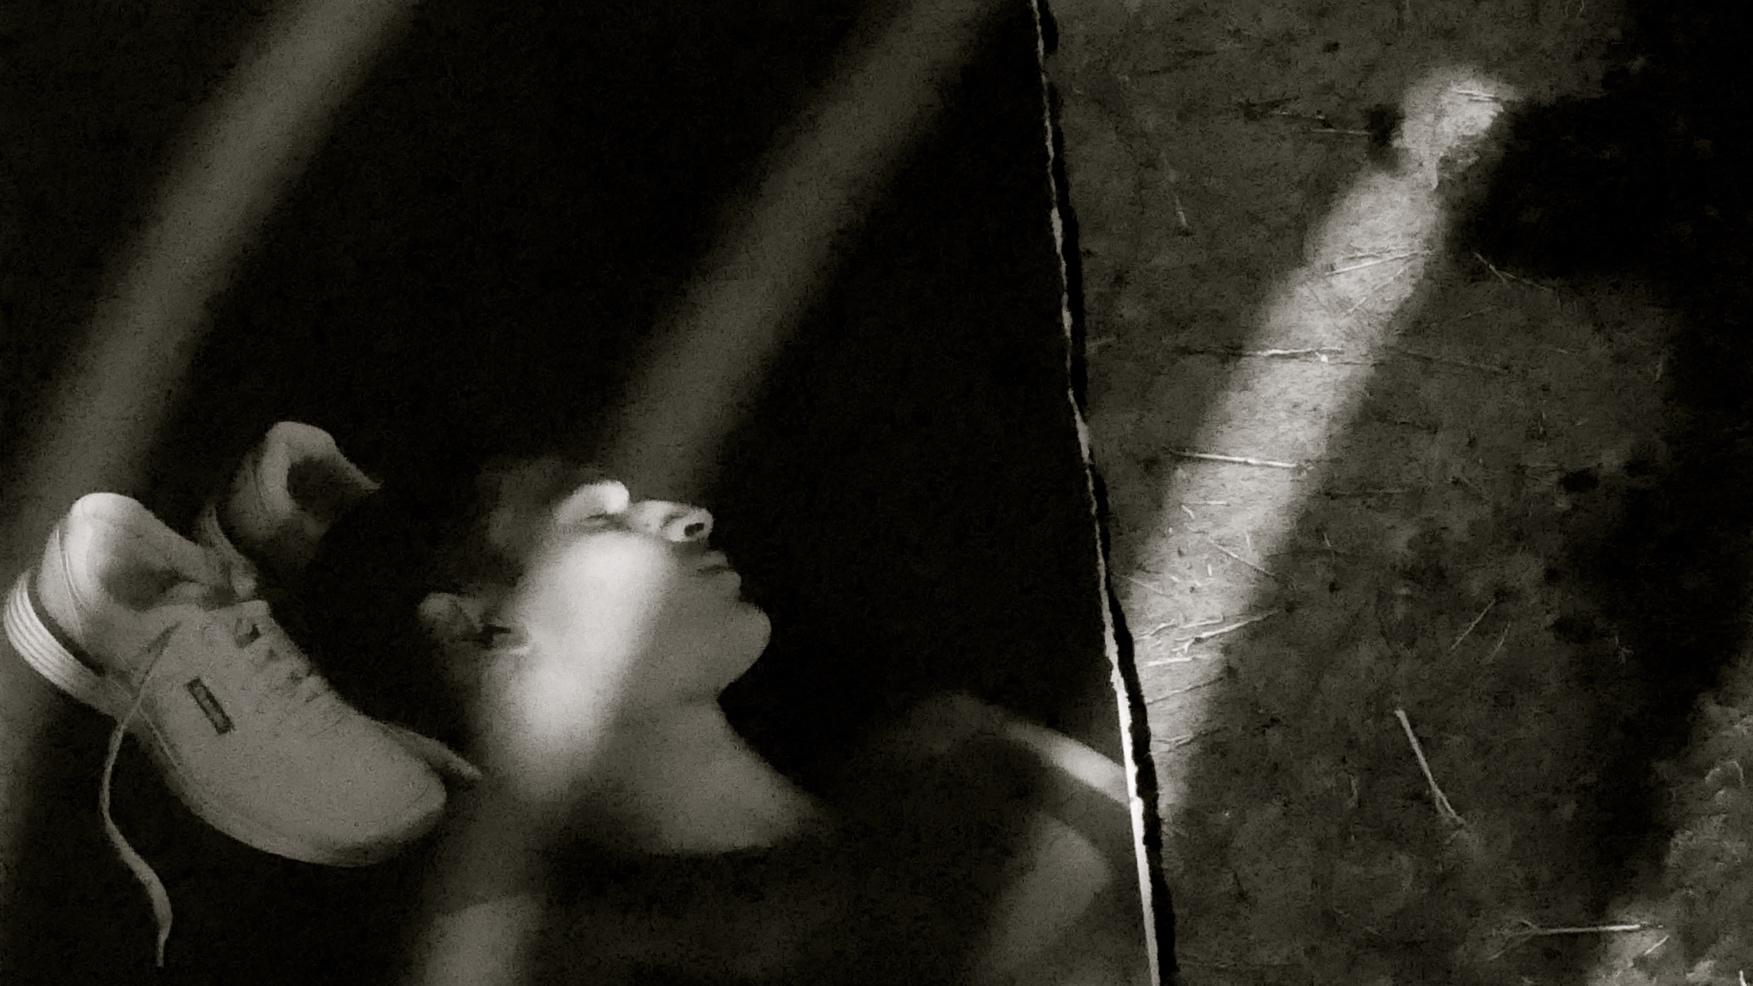 Sueño encontrado. Foto de Pablo Zamora. Anucio cambio climático El País - 1